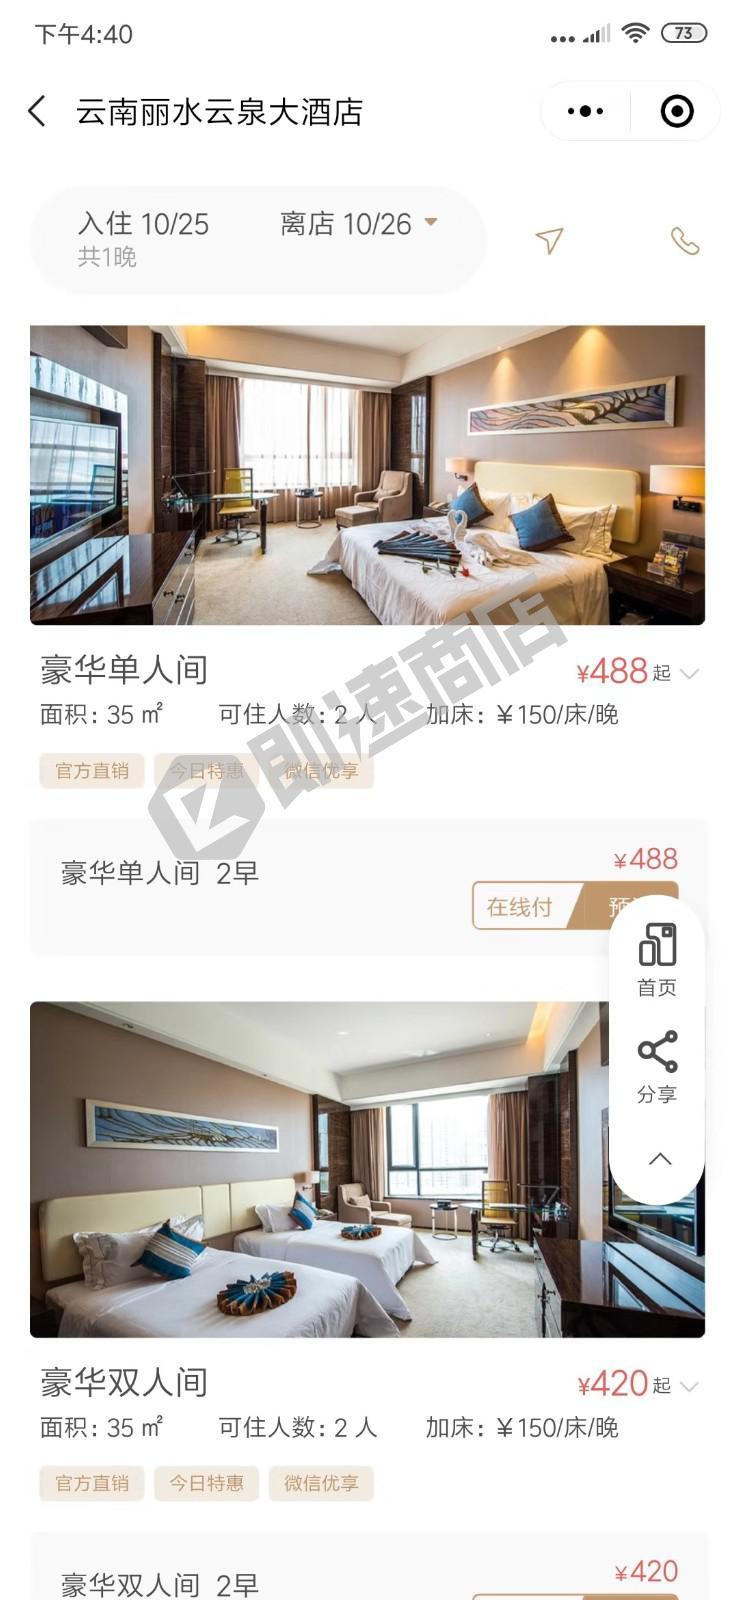 云南丽水云泉大酒店小程序详情页截图